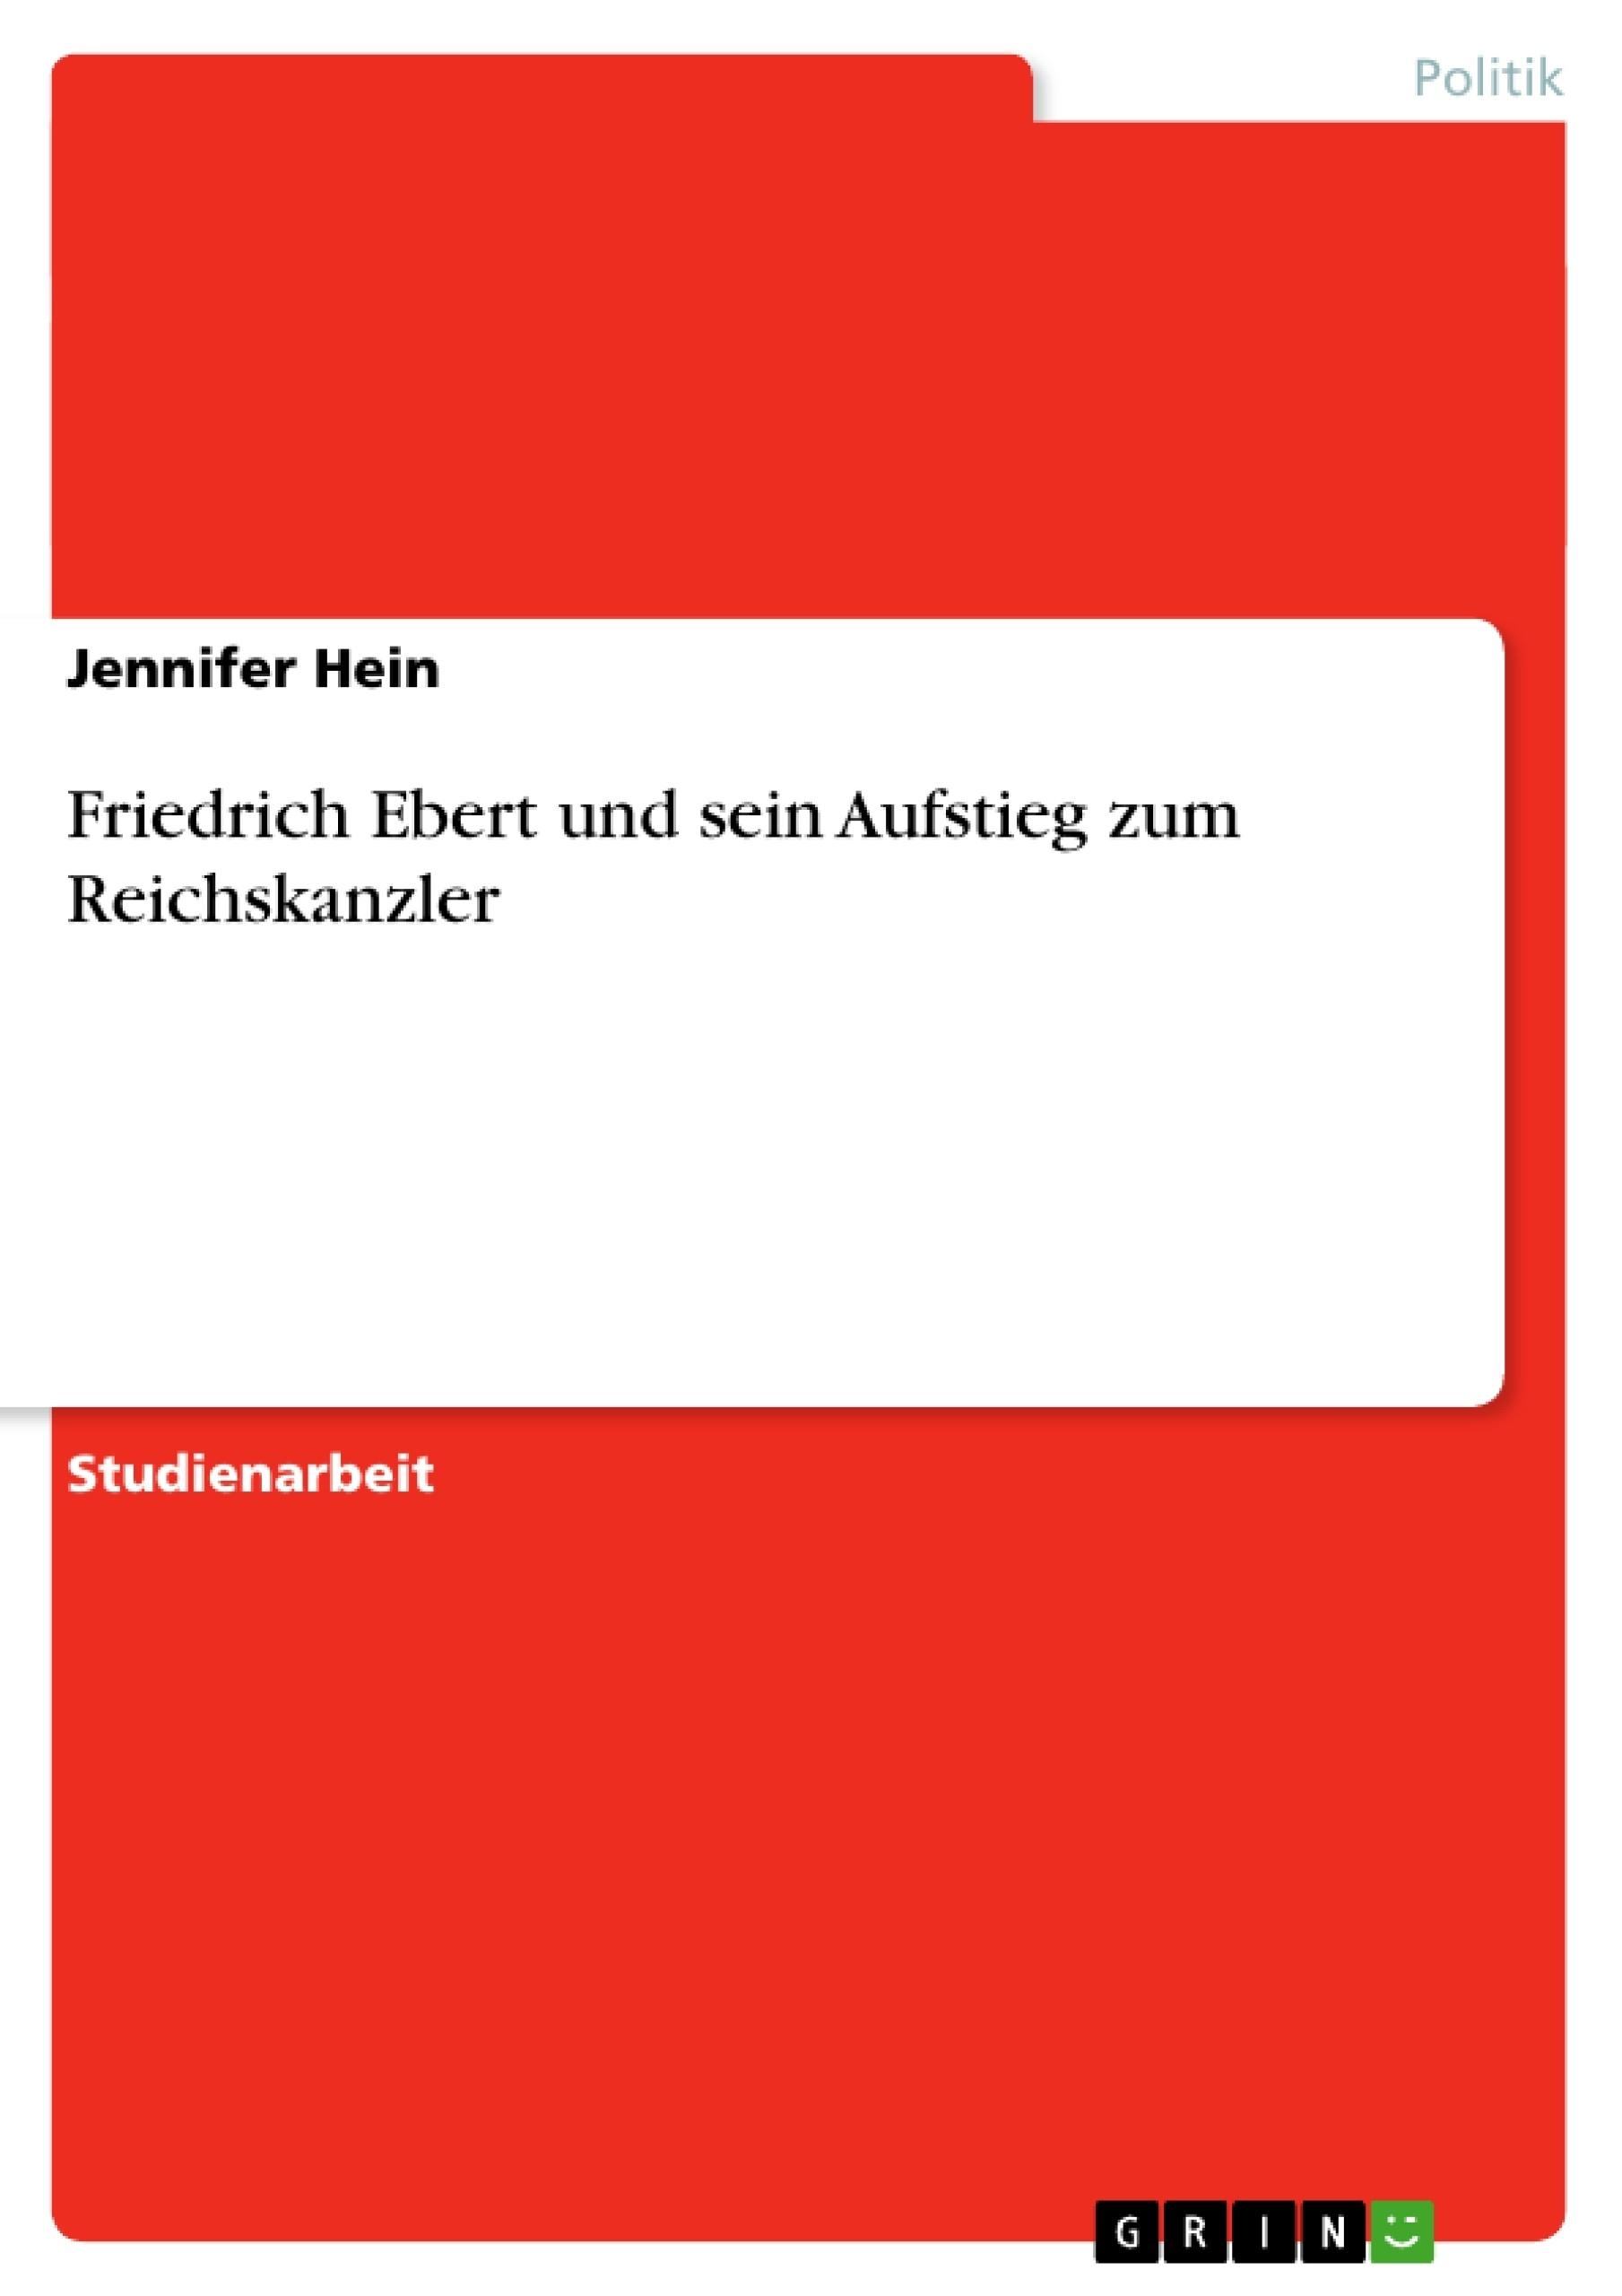 Titel: Friedrich Ebert und sein Aufstieg zum Reichskanzler